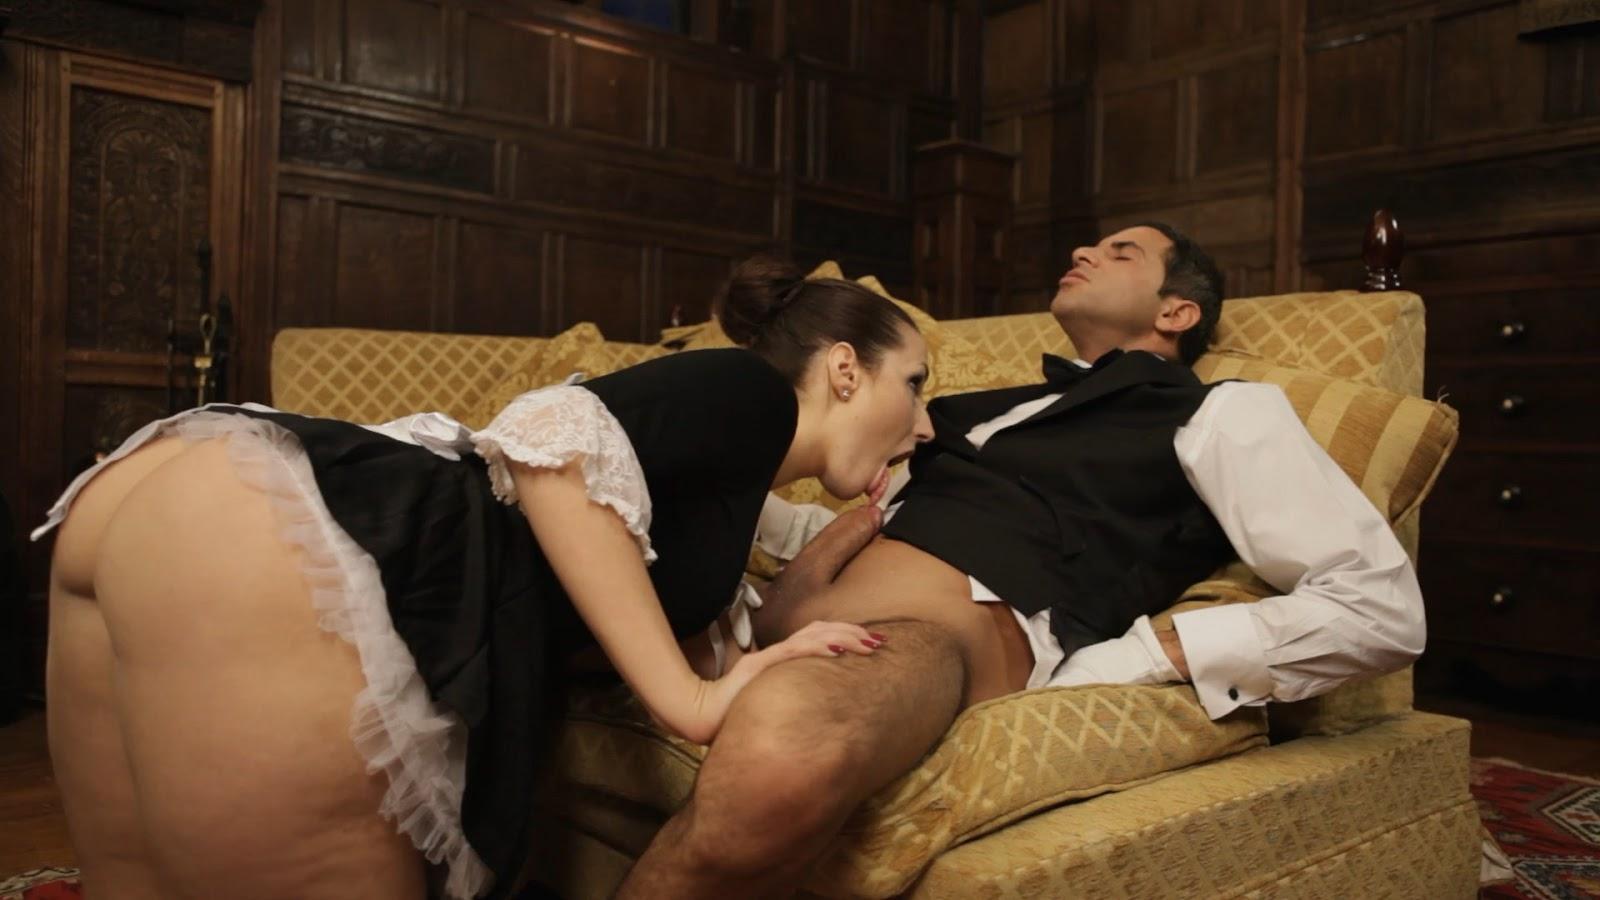 Секс с гувернанткой смотреть, Порно видео Гувернантки ***** смотреть онлайн 2 фотография